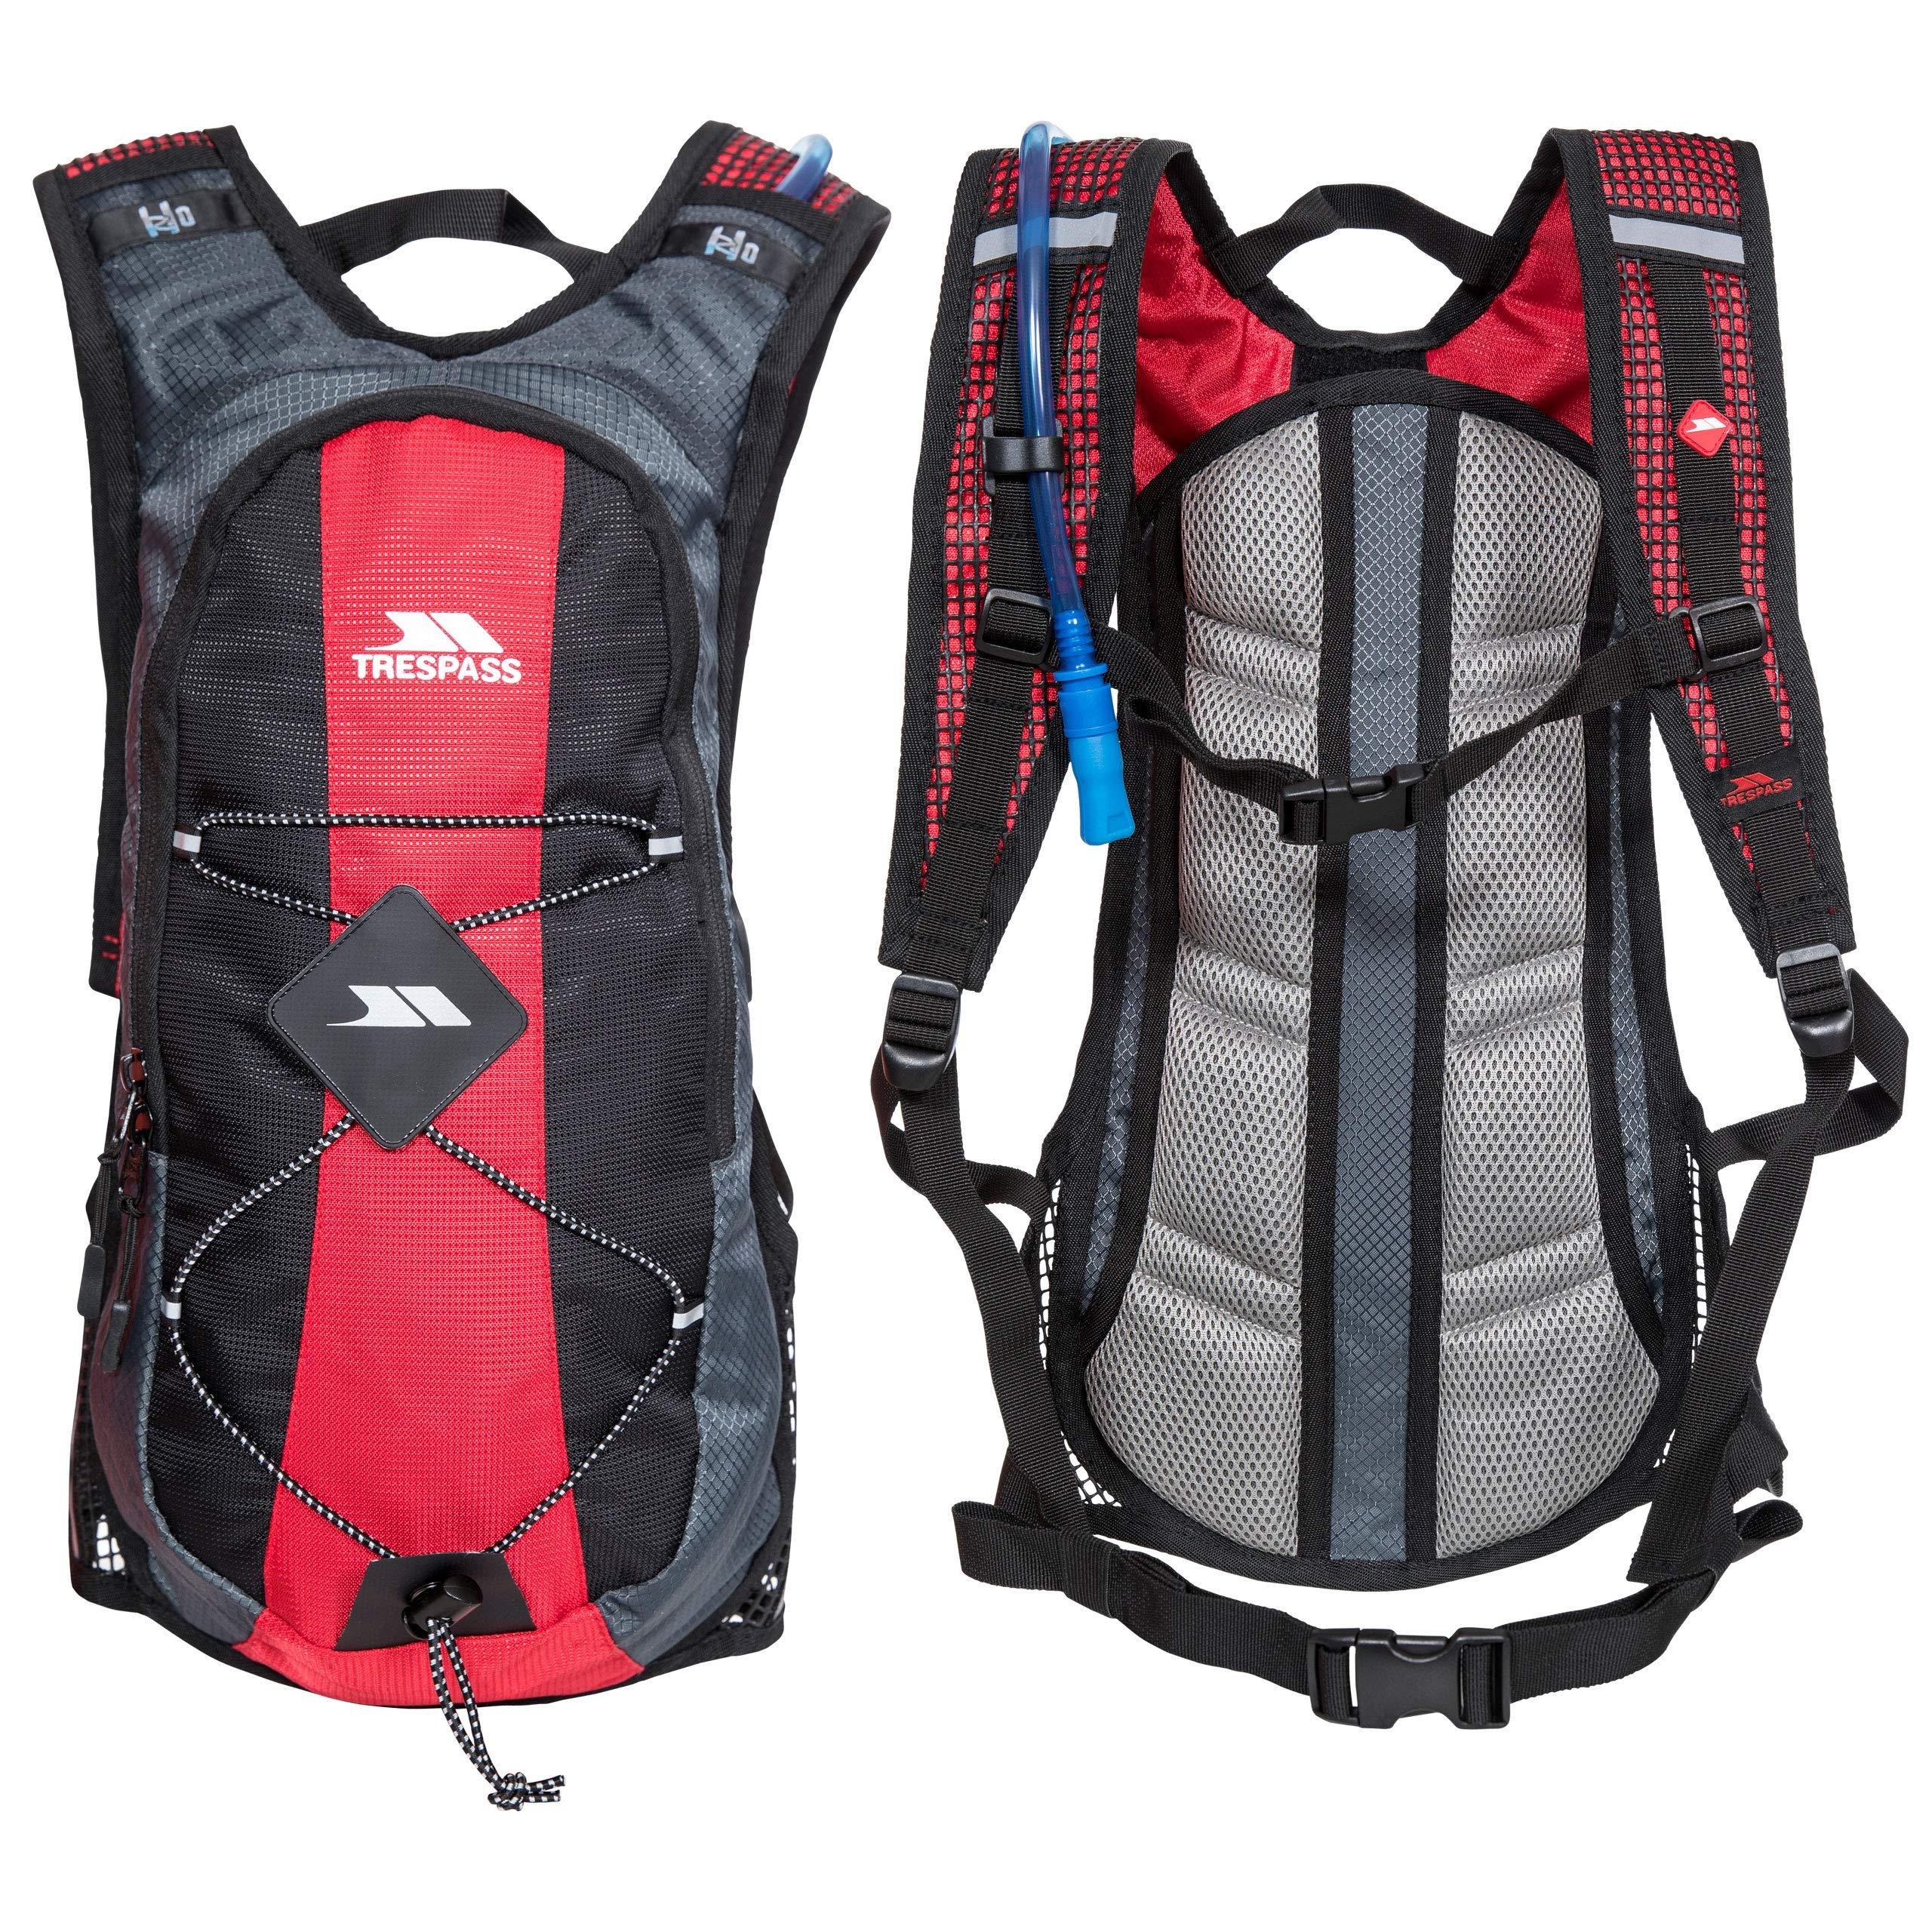 Trespass Rucksack 15 L mit Hüftgurt und 2 L Wasserreservoir/ Trinkblase/ Hydrat